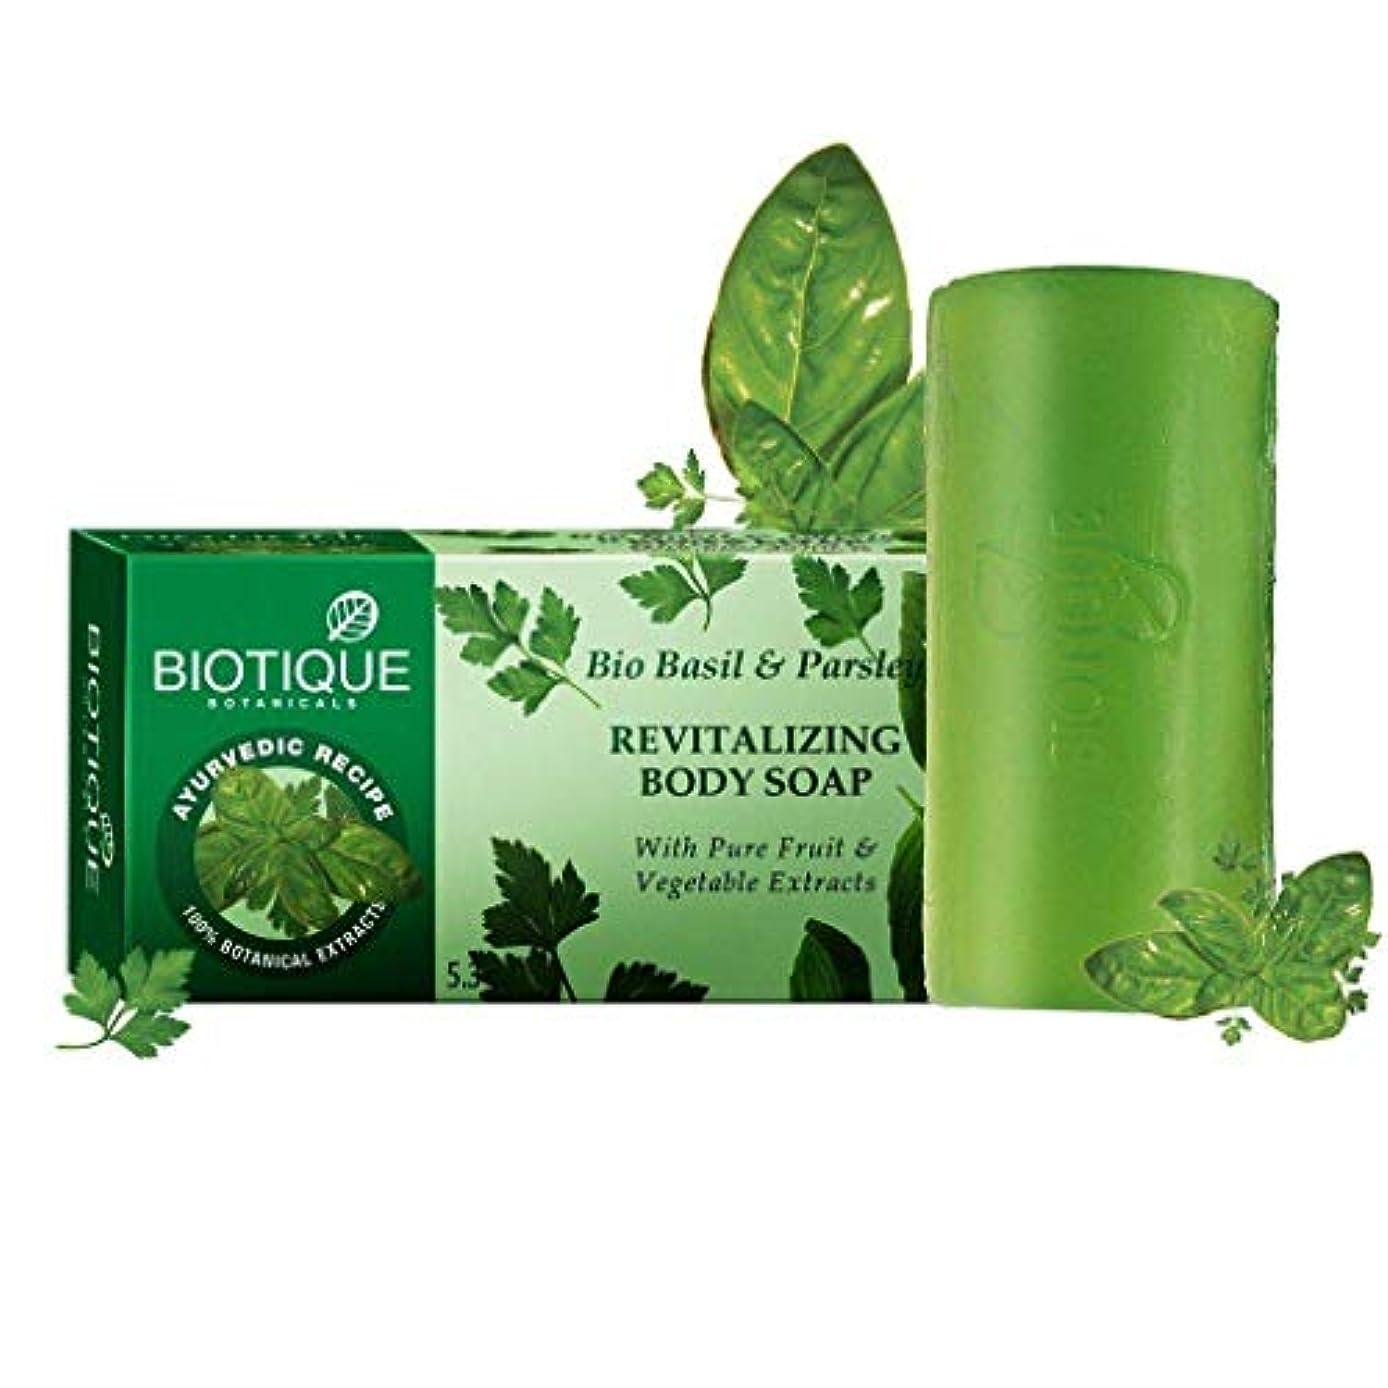 シンポジウムリースフォルダBiotique Bio Basil And Parsley Revitalizing Body Soap 150g (Pack of 2) Biotiqueバイオバジルとパセリの活性化ボディソープ